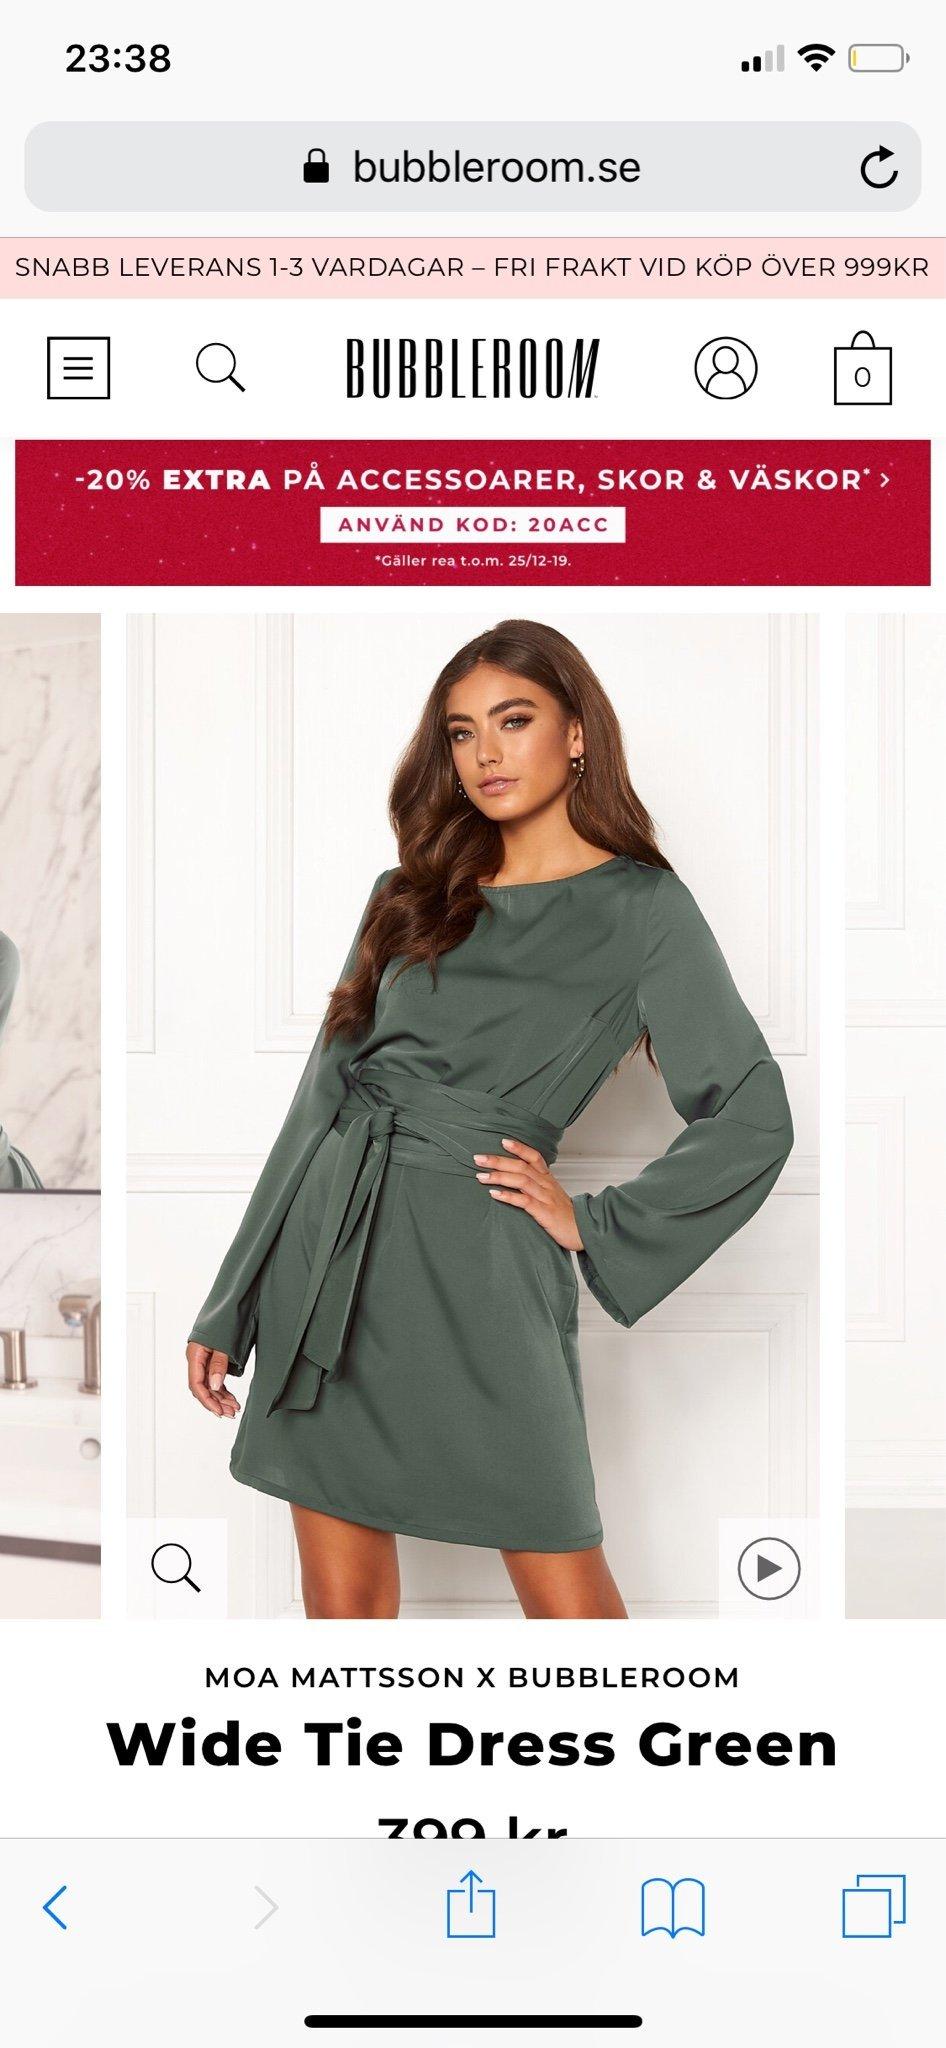 MOA MATTSSON X BUBBLEROOM Wide Tie Dress Green grön klänning